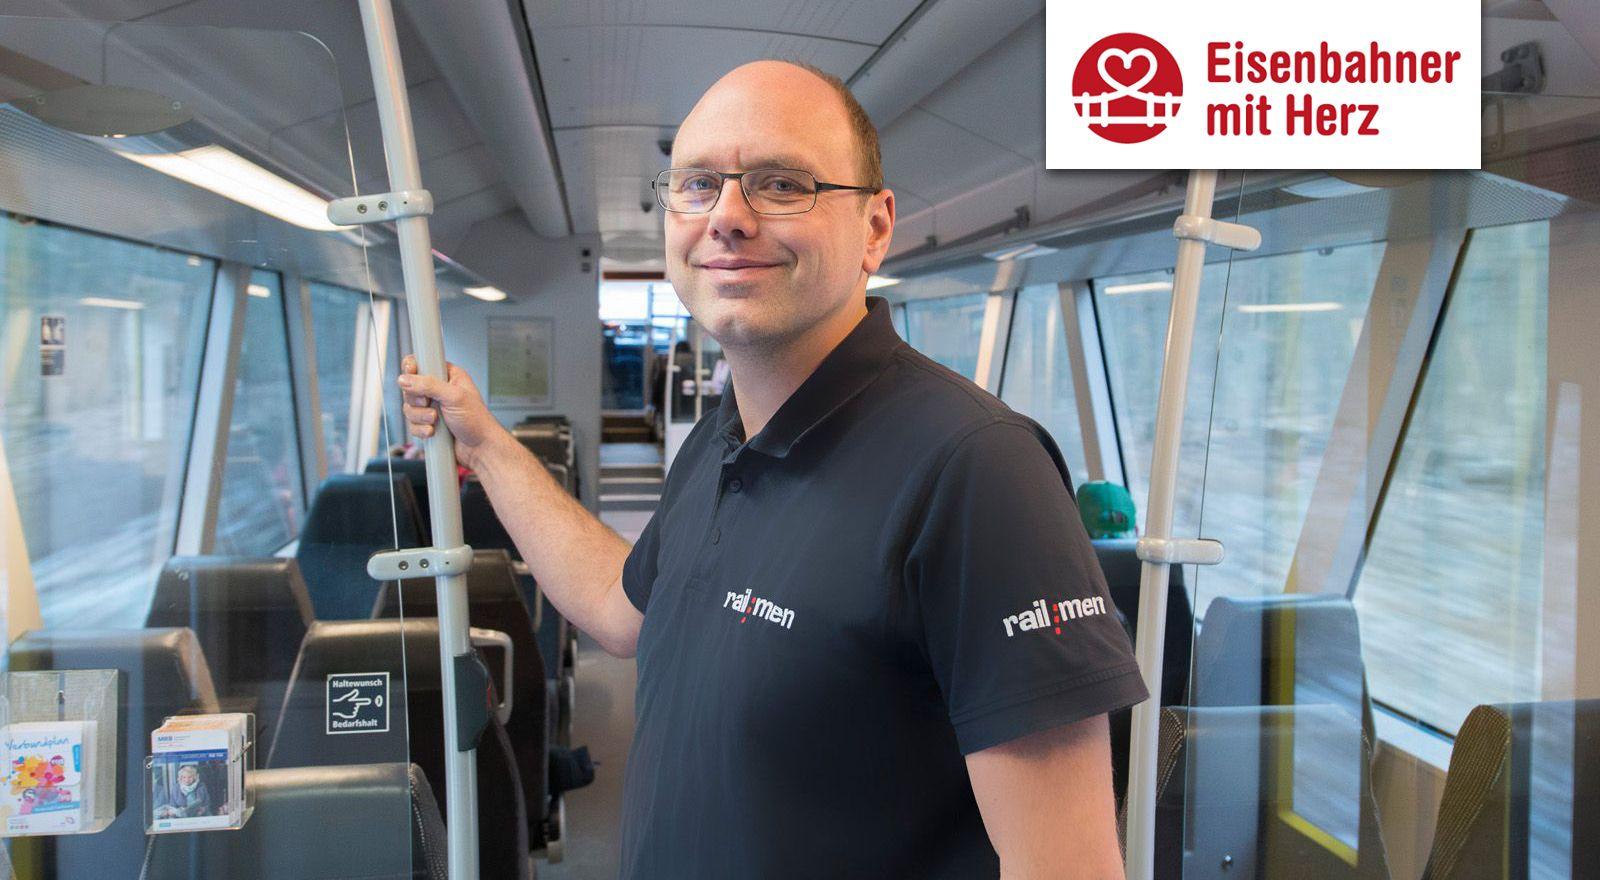 Lokführer Jan Krehl steht im Fahrgastraum der Mitteldeutschen Regiobahn.